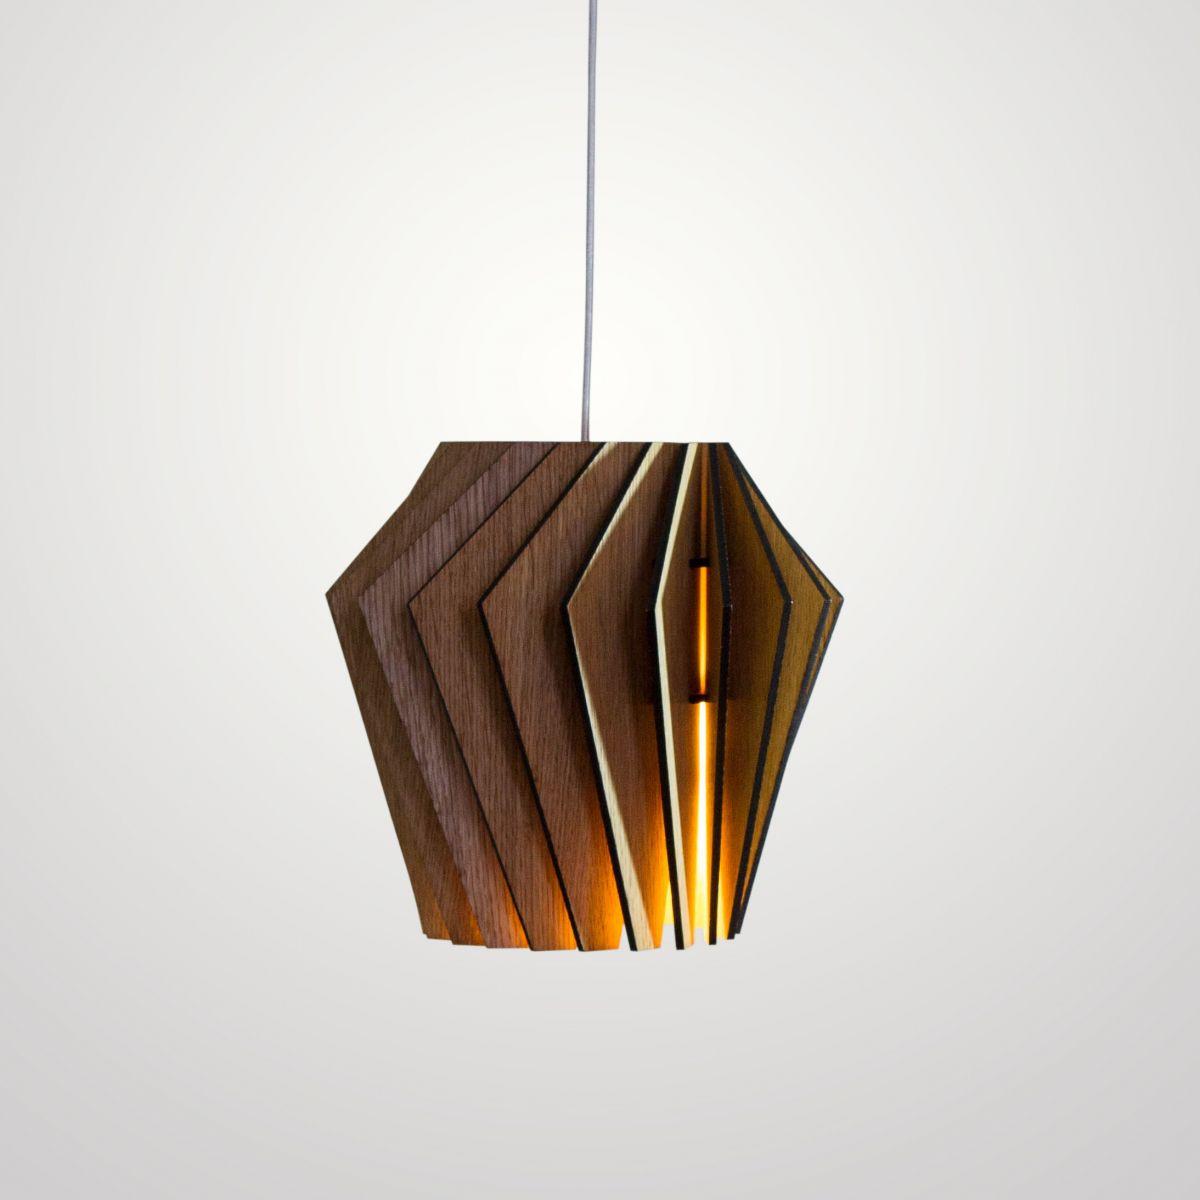 Турболампа из дуба, средняя (подвесной/настольный светильник)